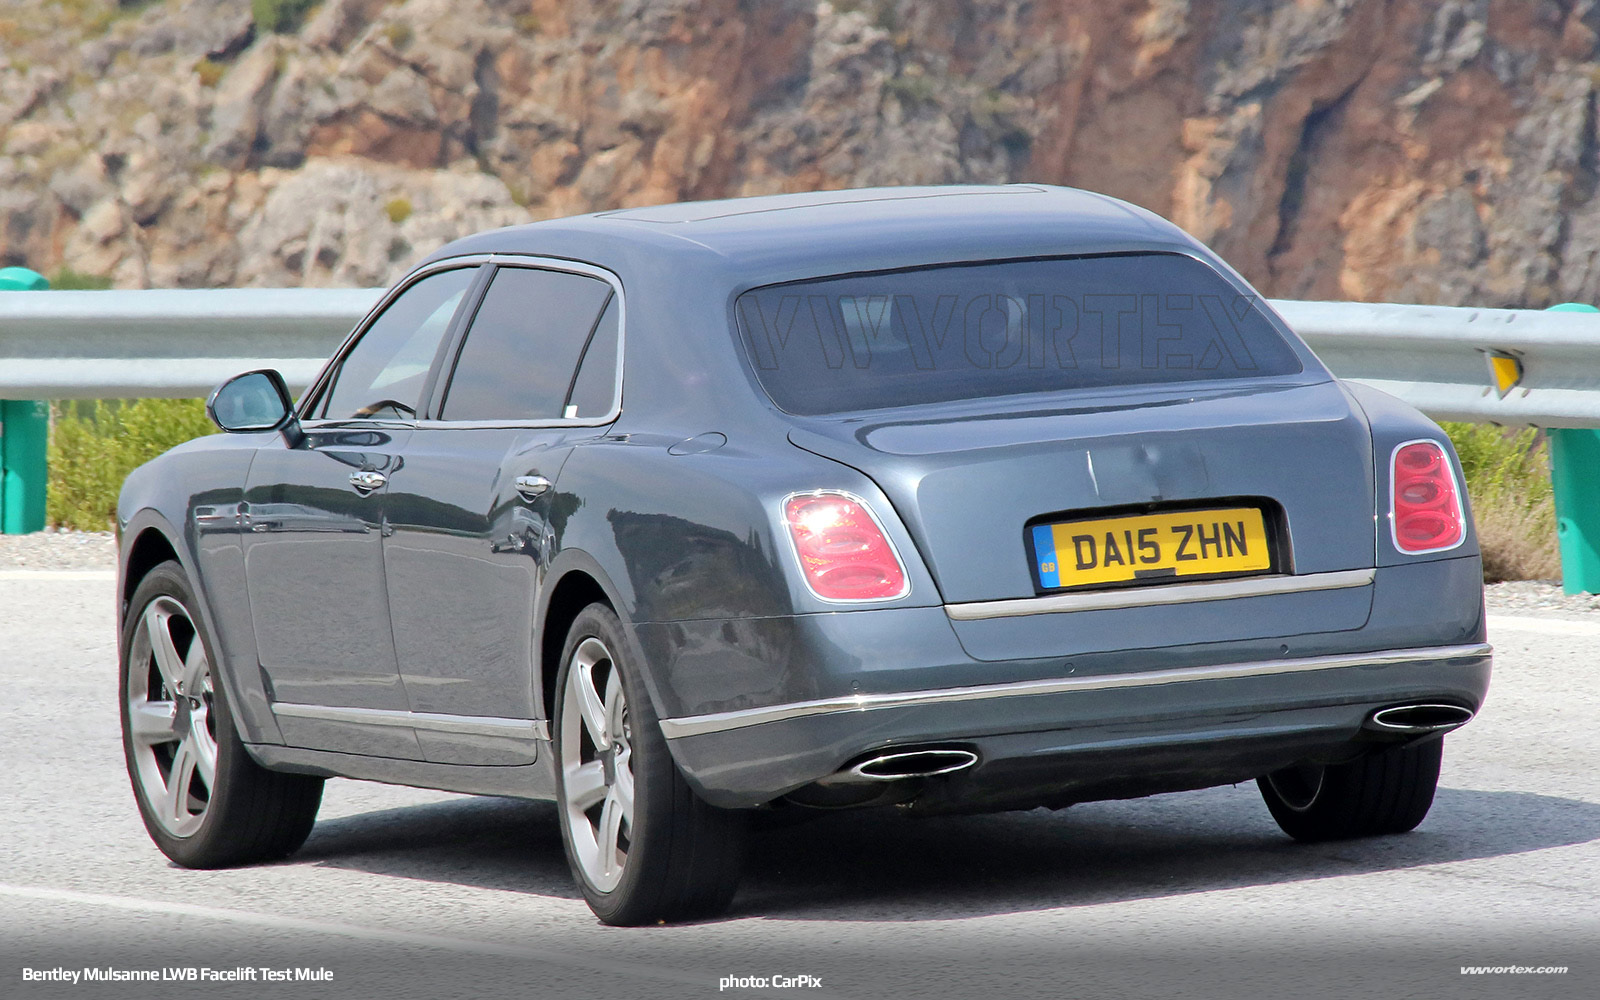 Bentley-Mulsanne-LWB-test-mule-facelift-519